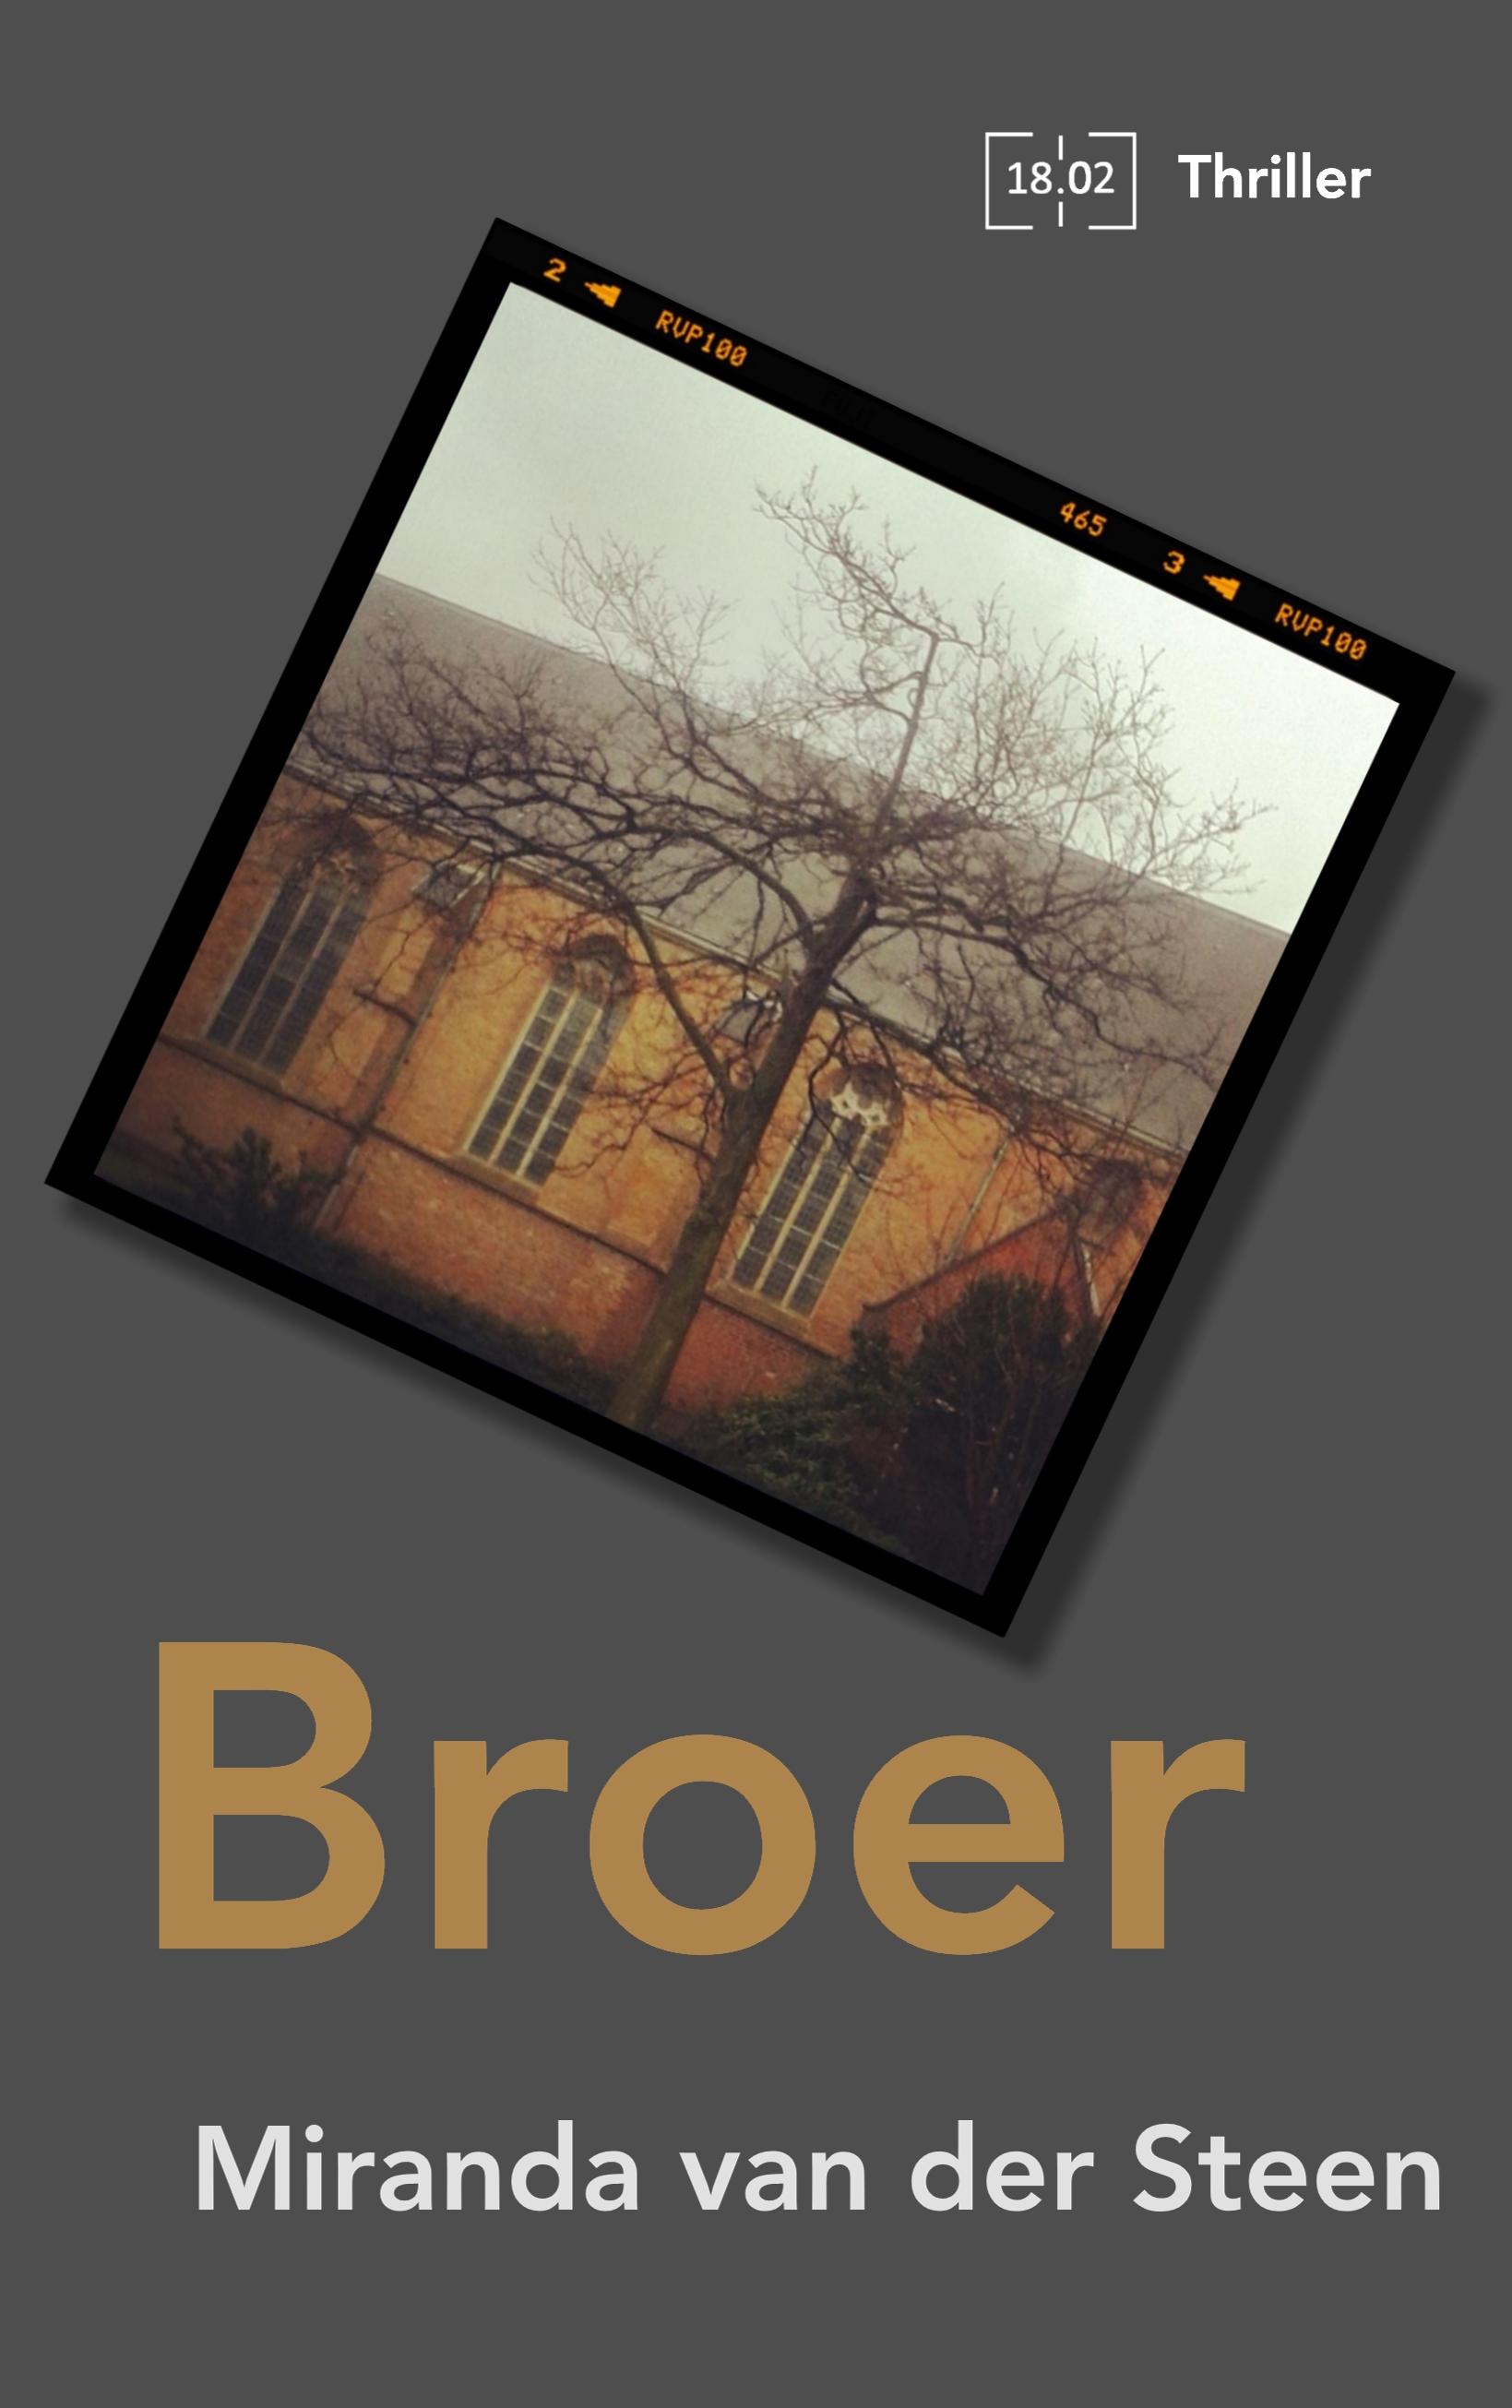 Broer – Miranda van der Steen